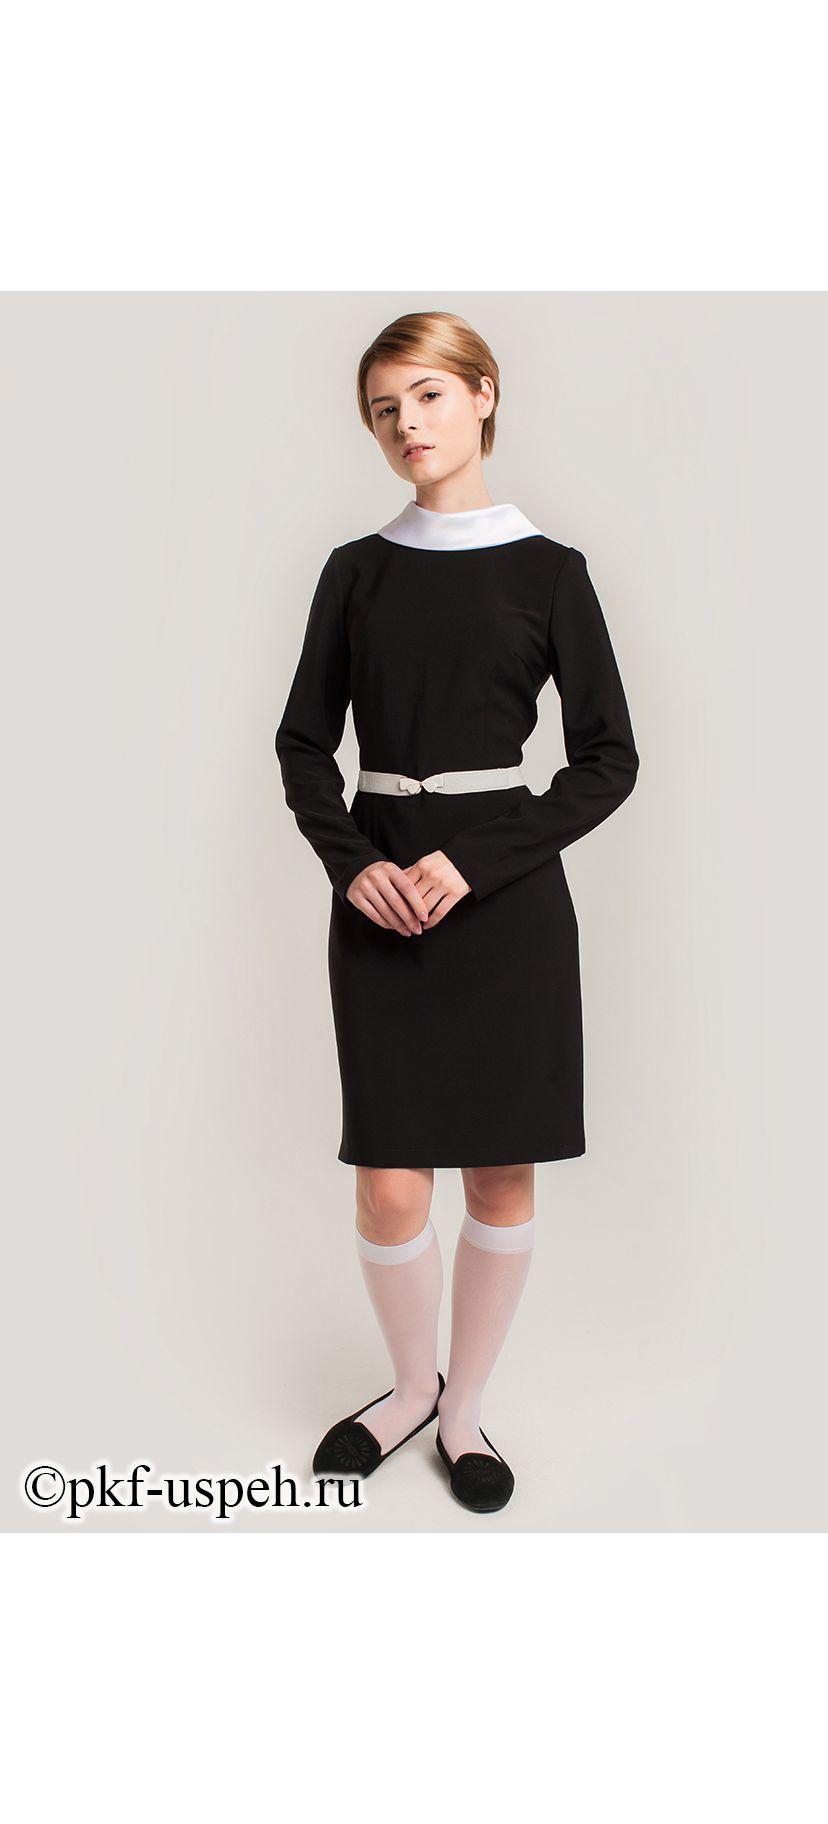 Школьное черное платье 73